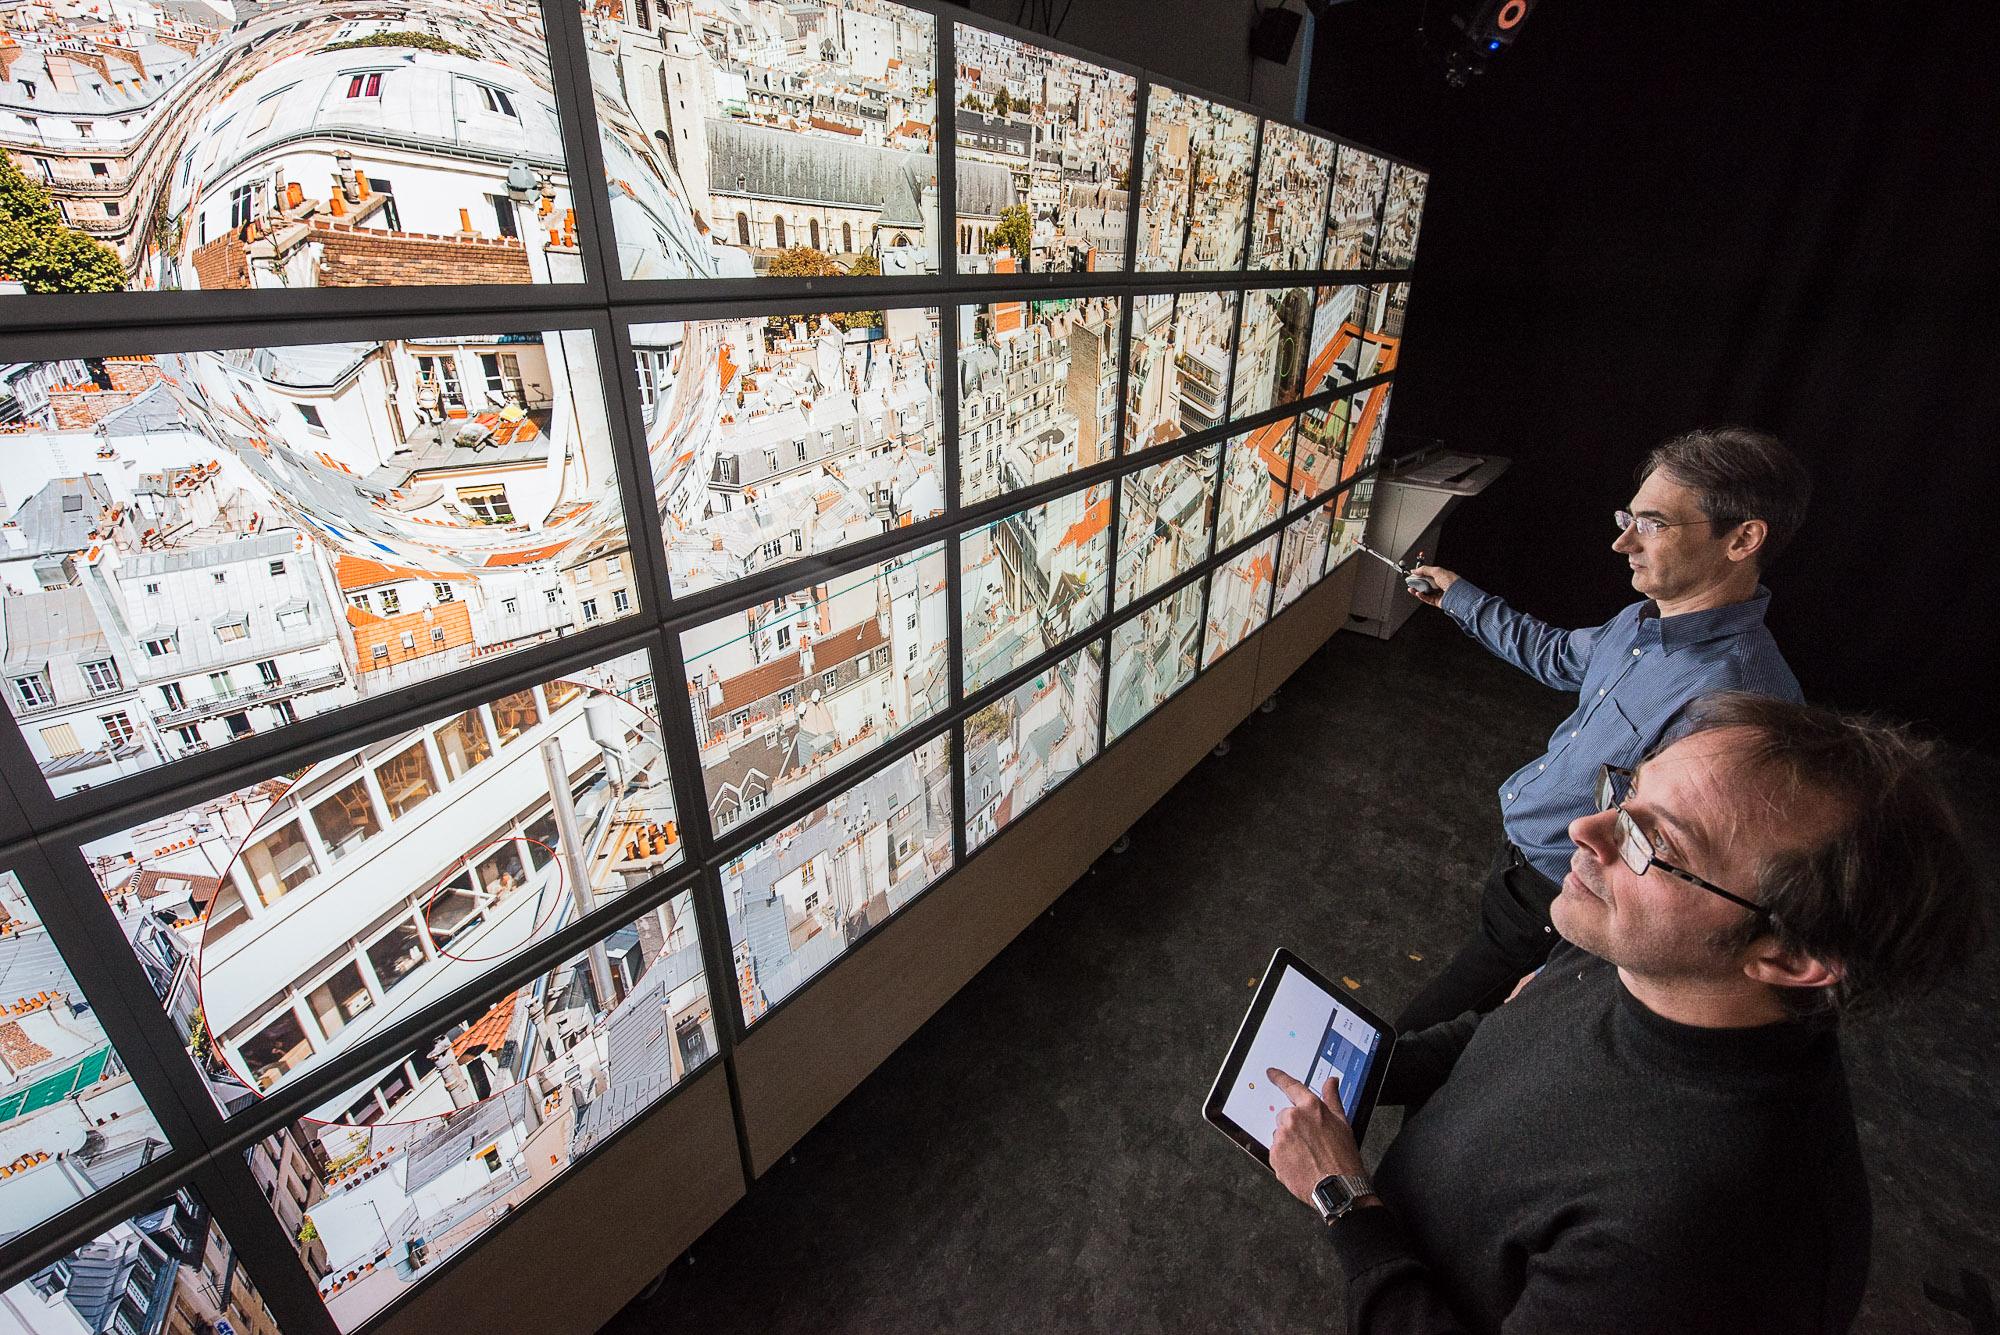 Equipes AVIZ et In Situ Orsay. Mur d'image permettant  la visualisation de détails dans une image HD.